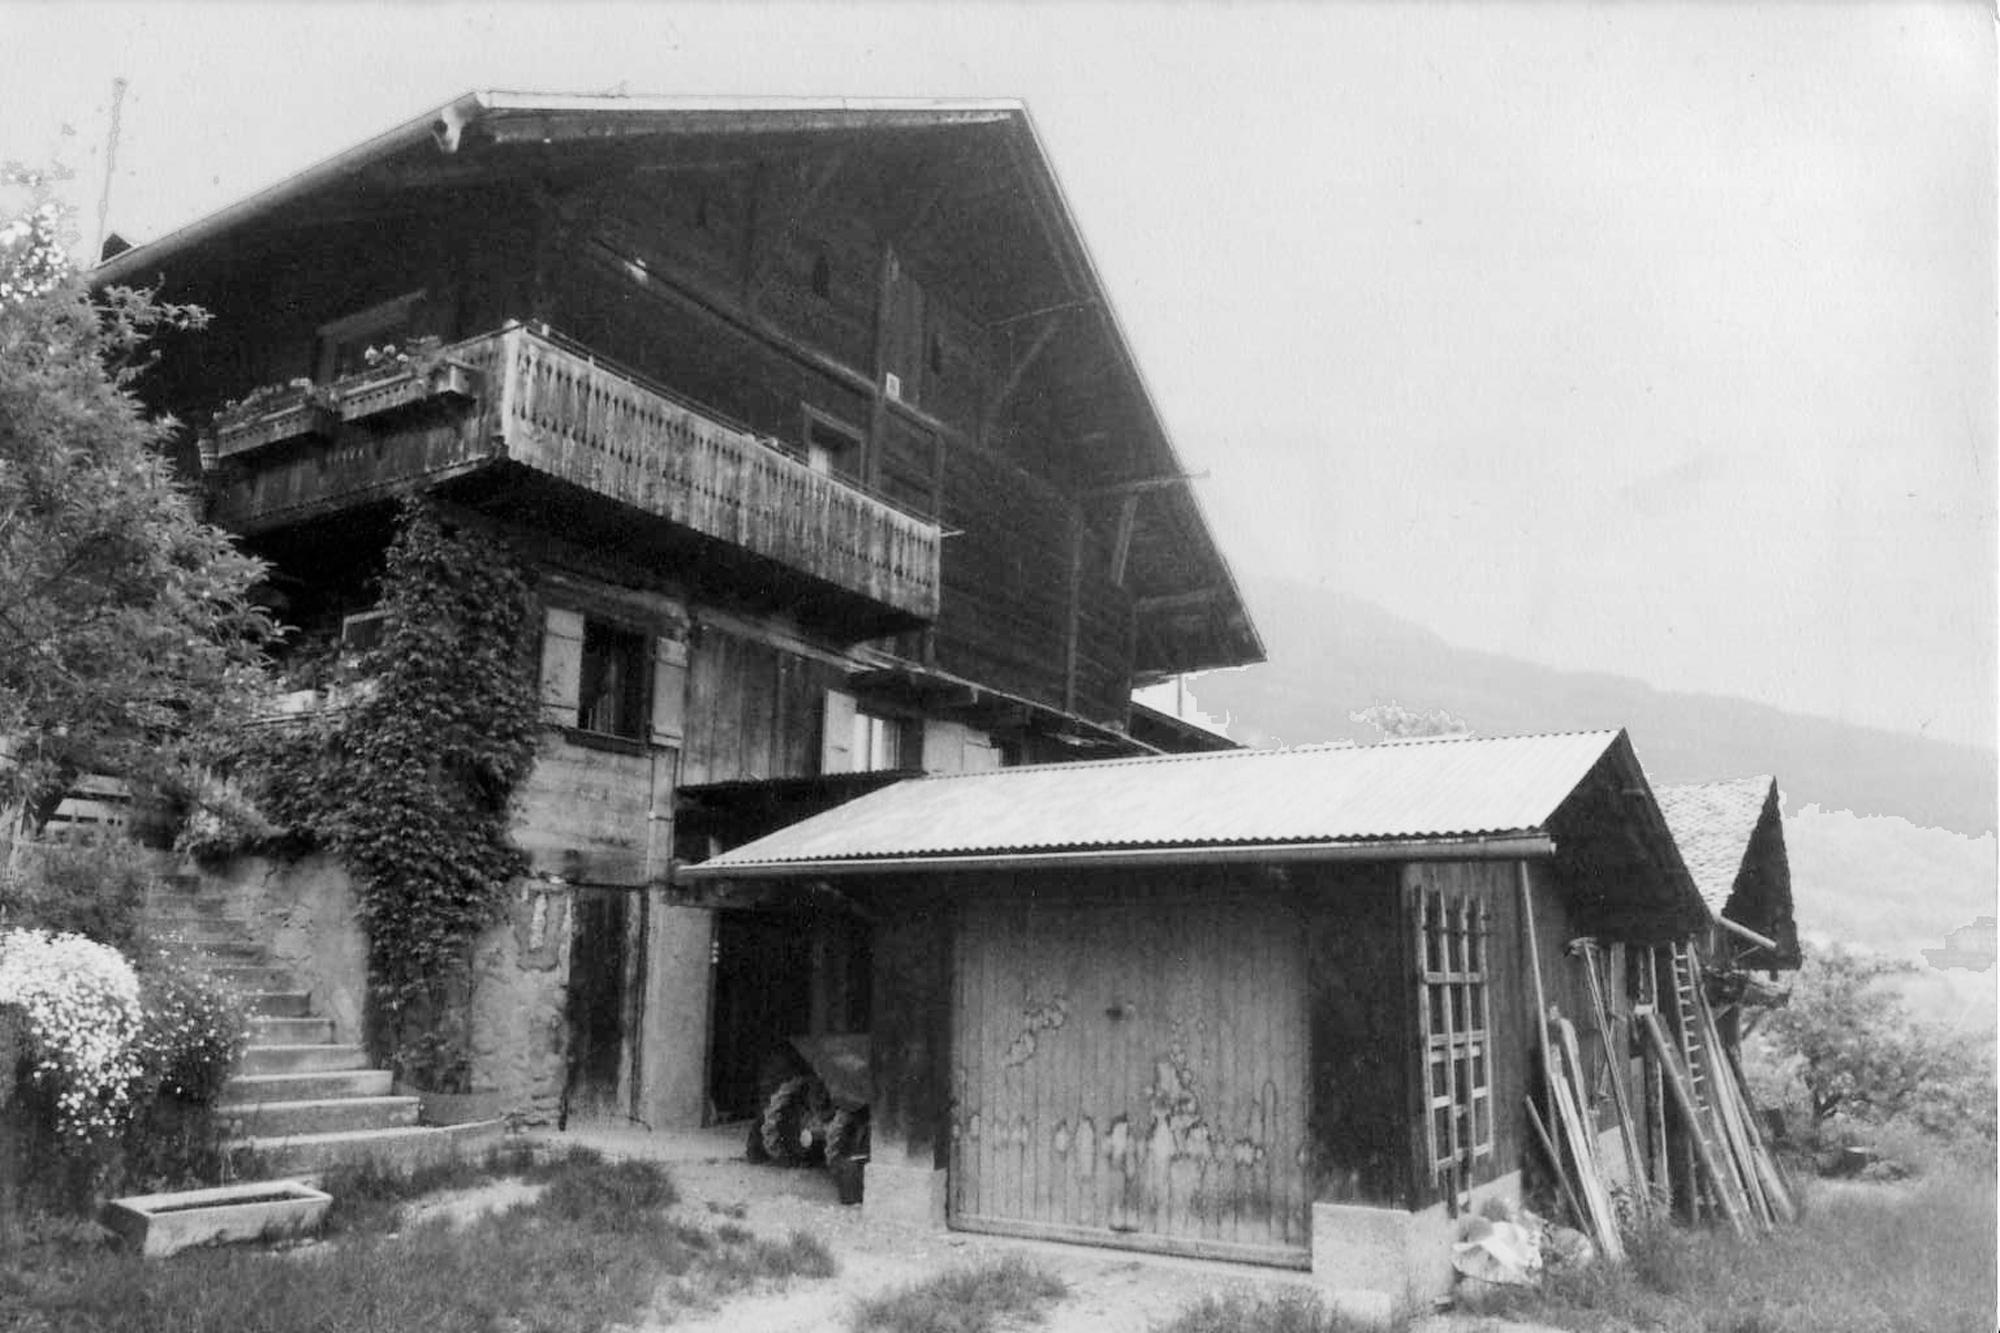 rural-meyer-transformation-choex-meyer-architecture-sion-07